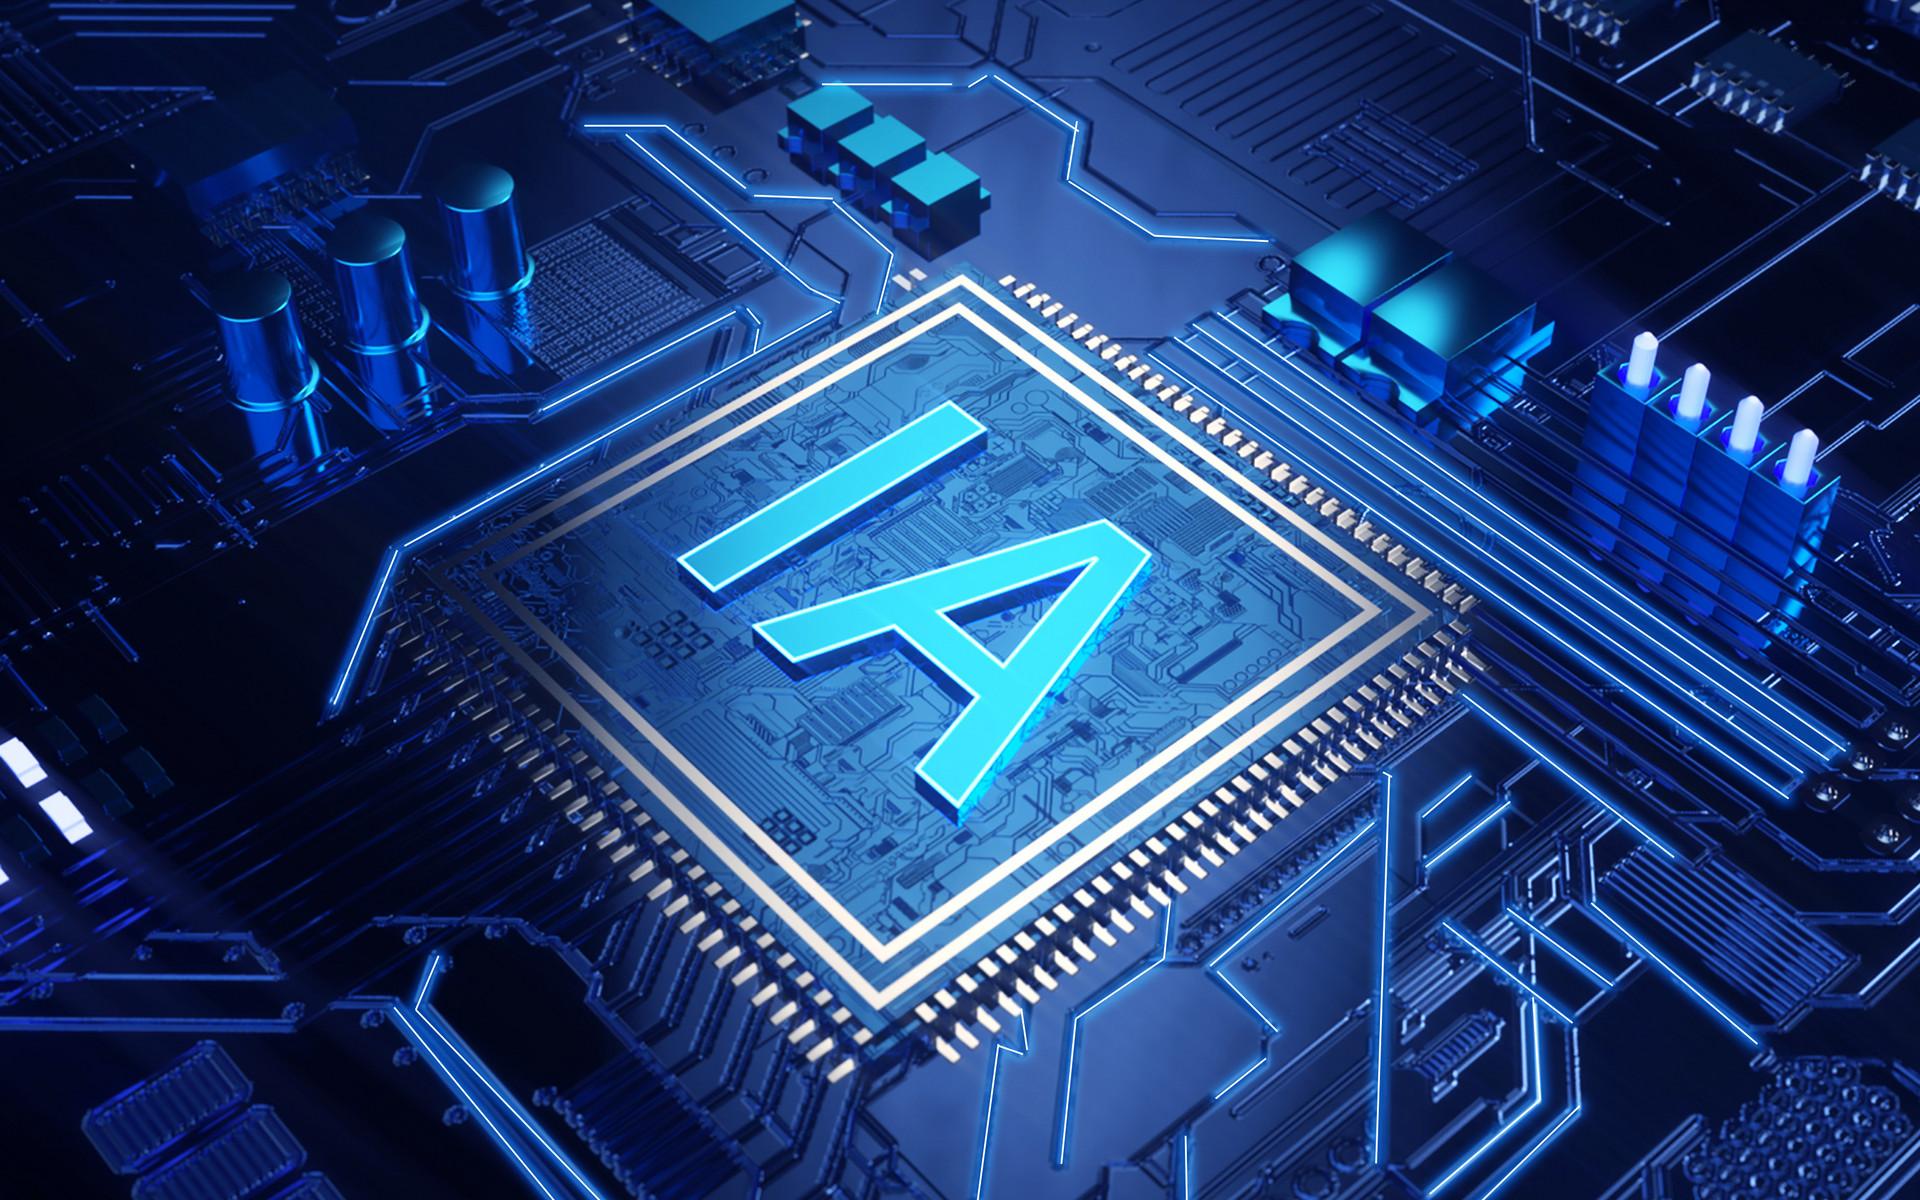 工信部部长苗圩:加快人工智能发展是产业优化升级的重要抓手